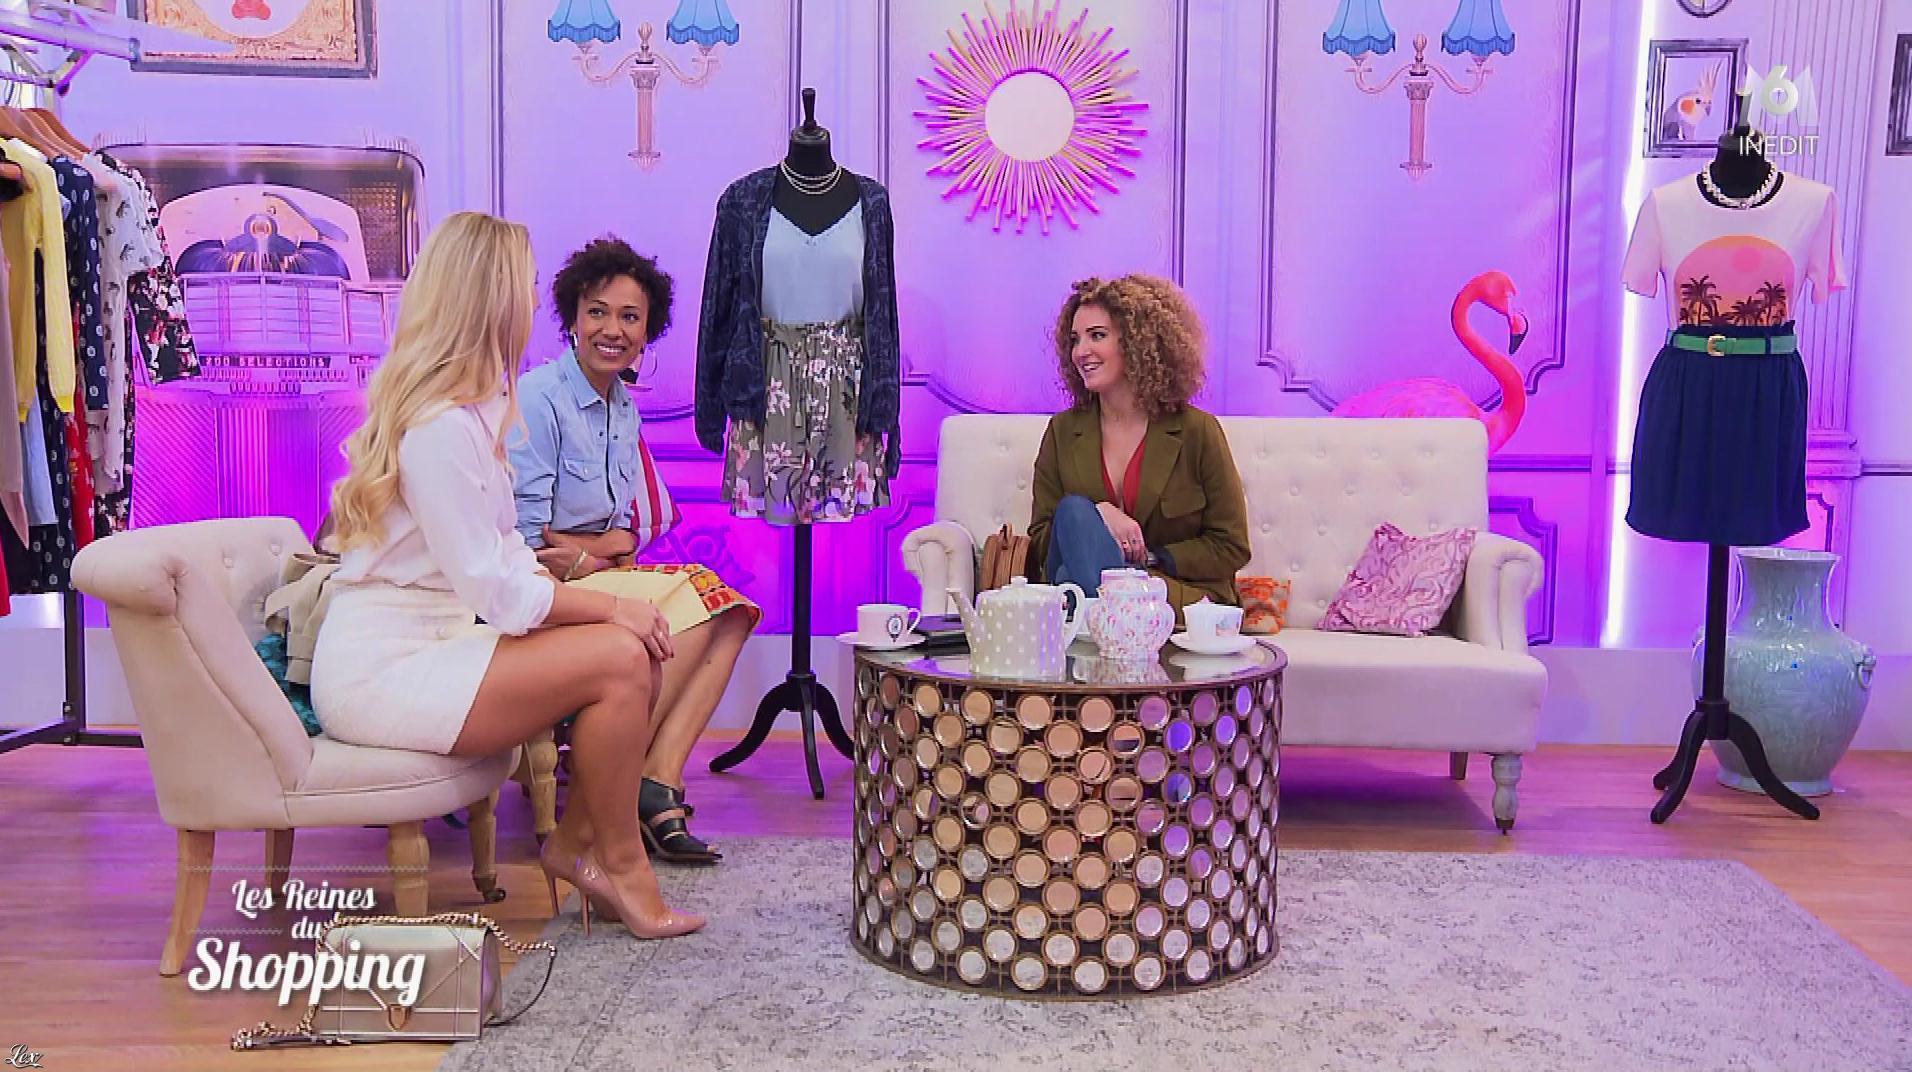 Inconnue dans les Reines du Shopping. Diffusé à la télévision le 29/10/18.